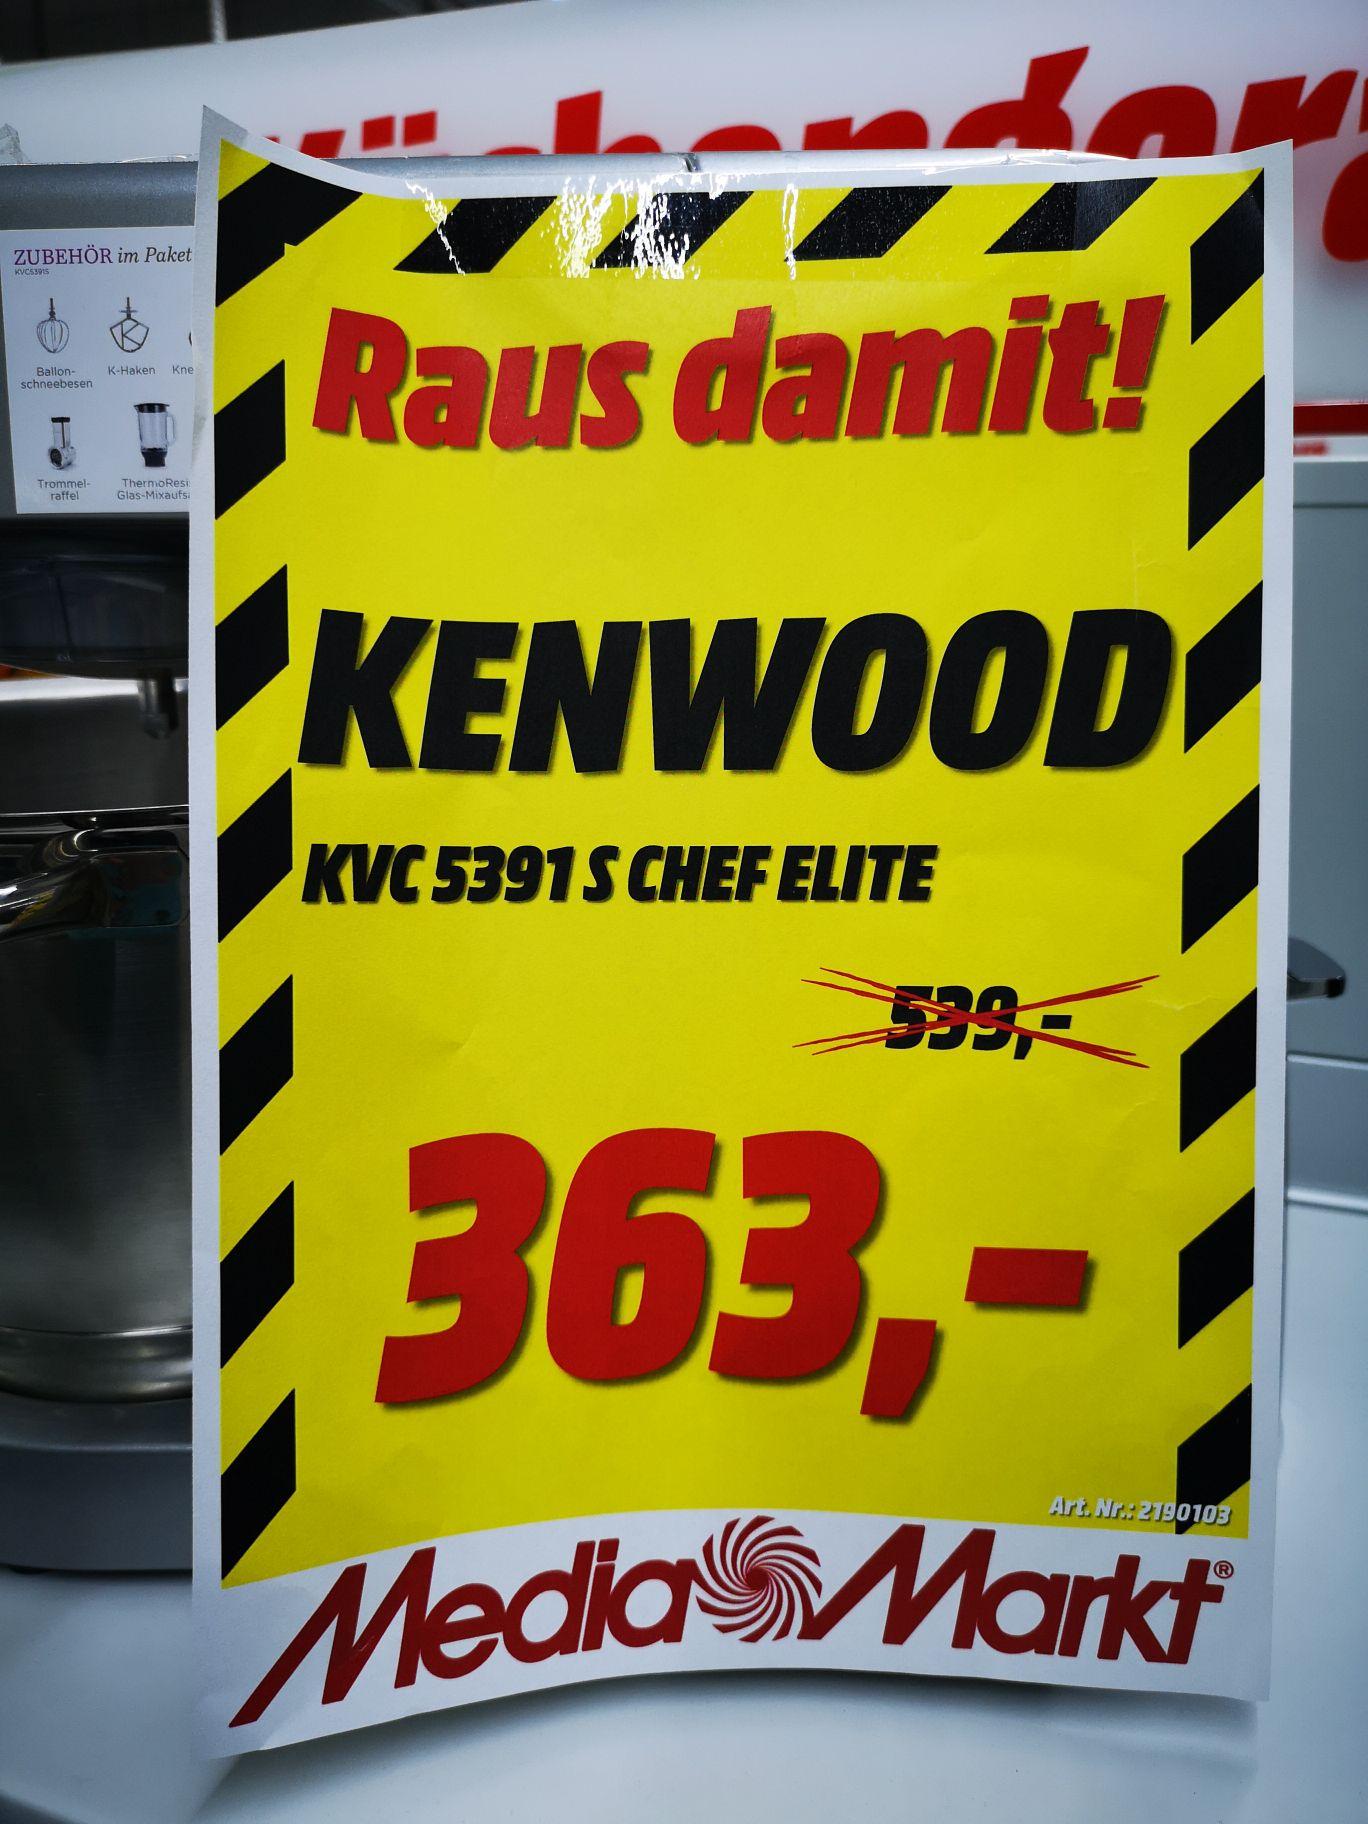 Küchenmaschine Kenwood KVC 5391S CHEF ELITE